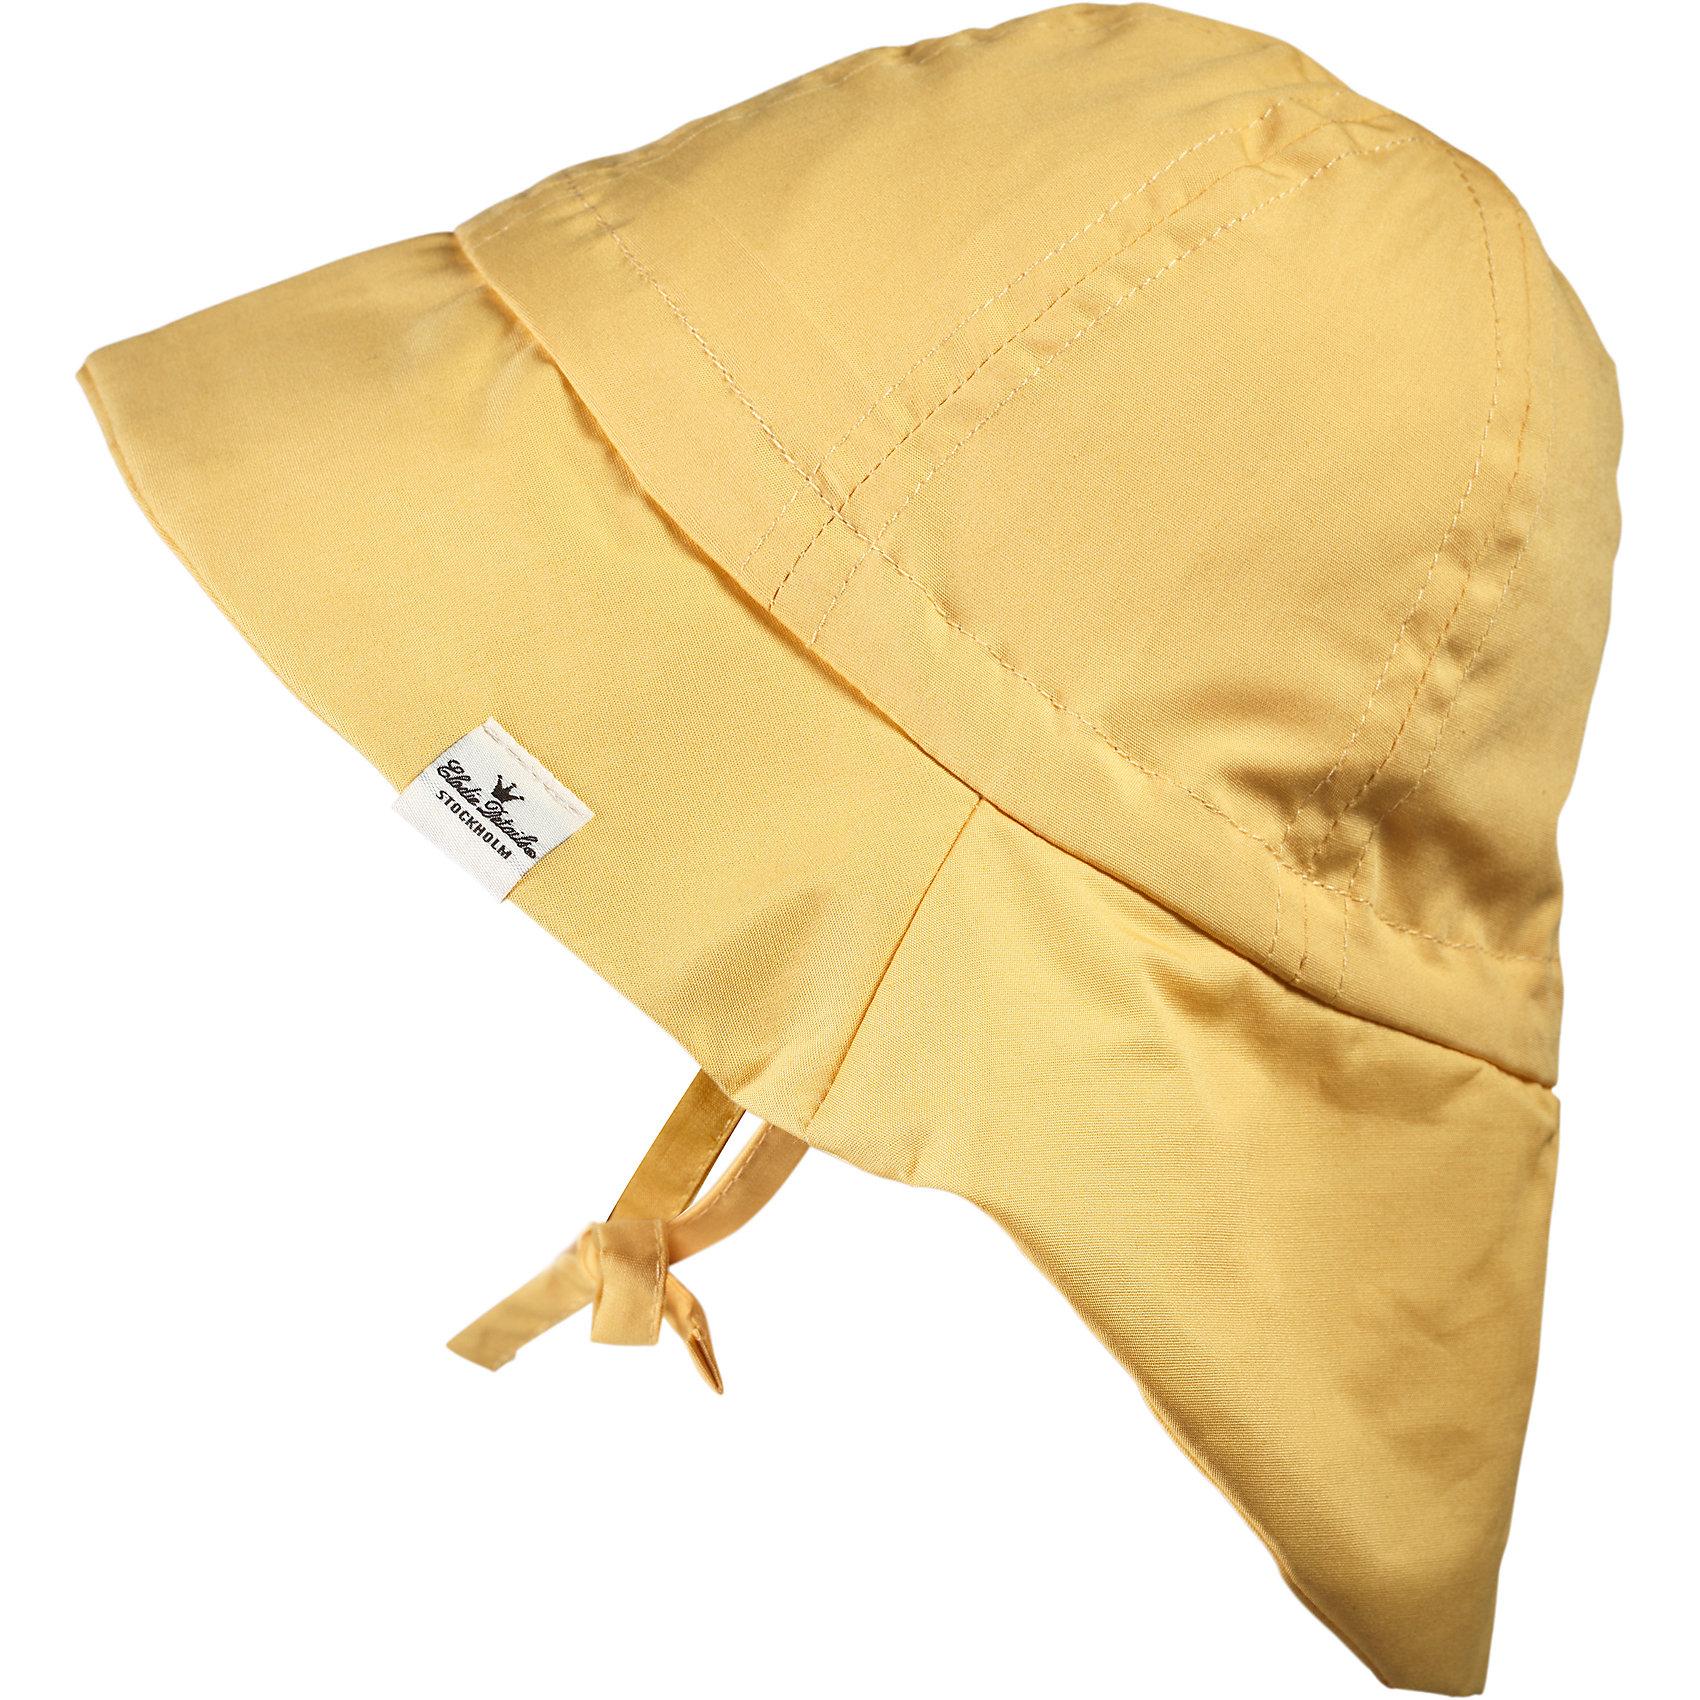 Панама Sweet Honey, 0-6 мес., Elodie DetailsШапочки<br>Панама Sweet Honey, 0-6 мес., Elodie Details (Элоди Дитейлс)<br><br>Характеристики:<br><br>• удобные завязки<br>• надежная защита головы<br>• приятна коже<br>• подходит для детей от 0 до 6 месяцев<br>• размер: 42 см<br>• материал: хлопок<br>• размер упаковки: 17,5х5х19 см<br><br>Панама Sweet Honey предназначена для малышей с рождения до 6 месяцев. Она надёжно защитит голову ребёнка и предотвратит перегрев головы в жаркий летний день. Панамка изготовлена из натурального хлопка, окрашенного в нежный жёлтый цвет. Фиксируется при помощи надёжных завязок. В такой стильной панаме гулять ещё приятнее!<br><br>Панаму Sweet Honey, 0-6 мес., Elodie Details (Элоди Дитейлс) вы можете купить в нашем интернет-магазине.<br><br>Ширина мм: 190<br>Глубина мм: 50<br>Высота мм: 175<br>Вес г: 350<br>Возраст от месяцев: 0<br>Возраст до месяцев: 6<br>Пол: Унисекс<br>Возраст: Детский<br>SKU: 5613558